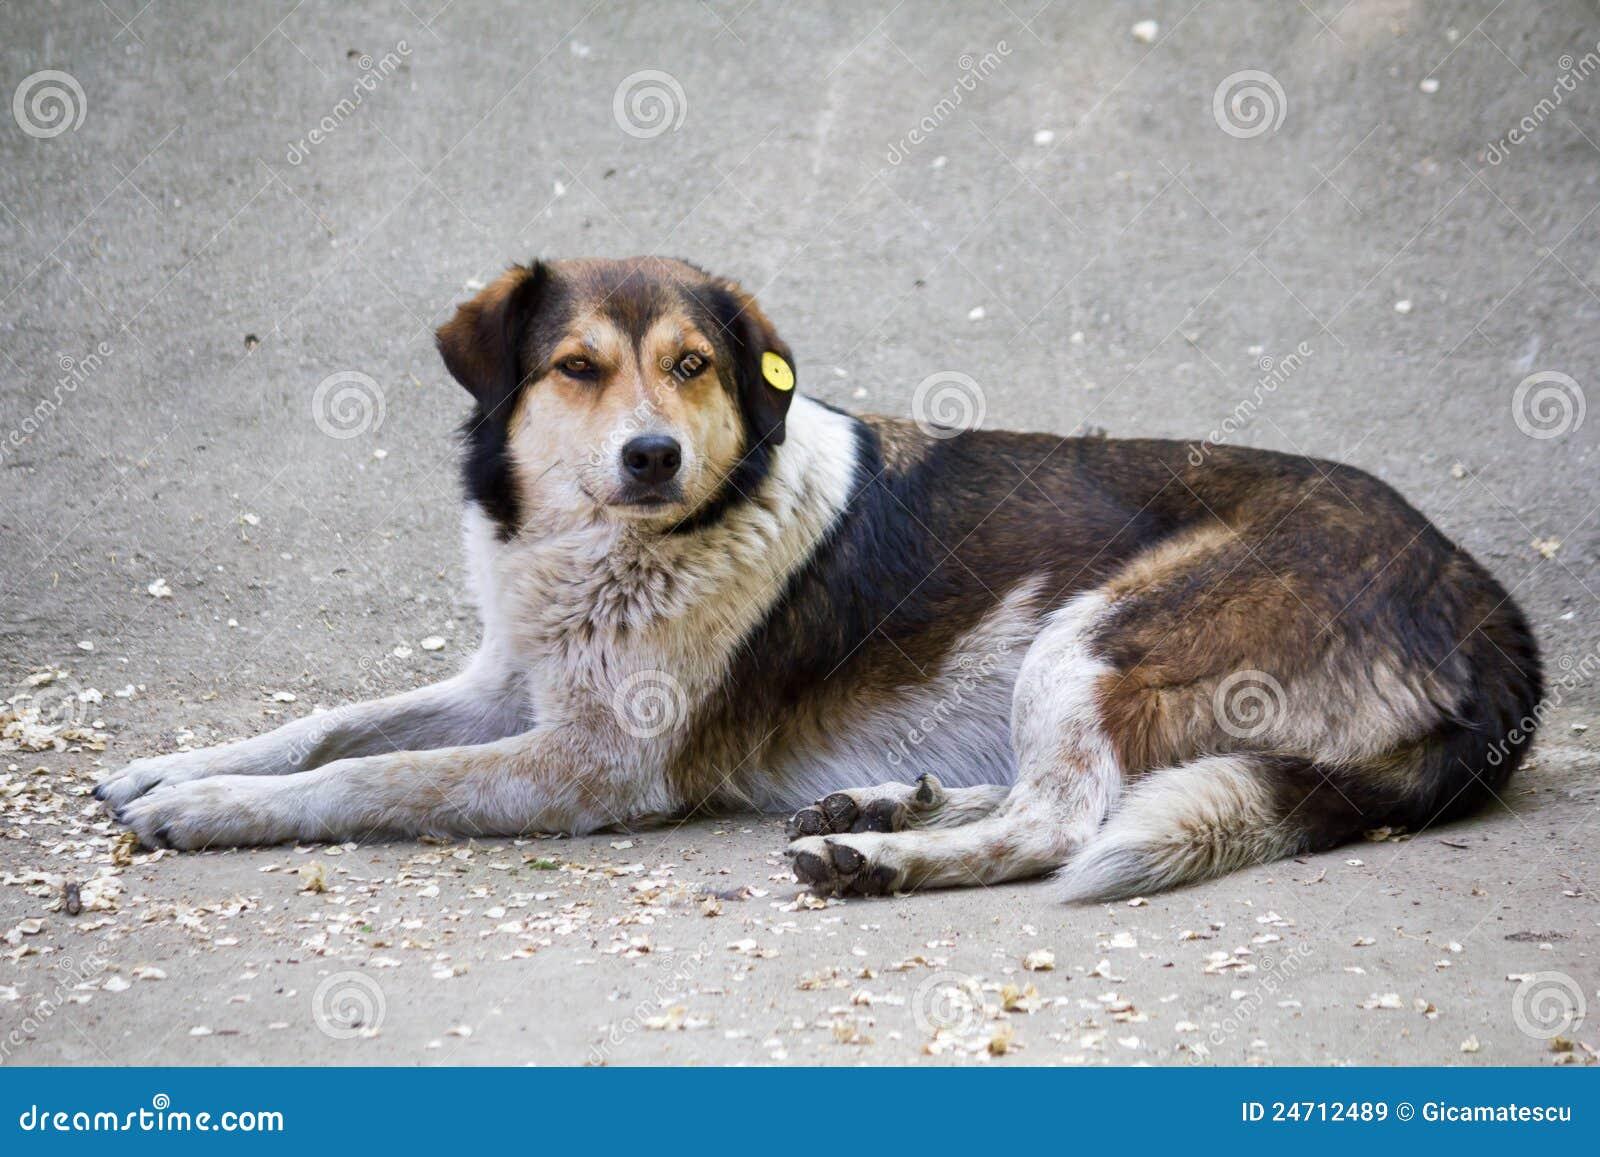 Sad Stray Dog Royalty Free Stock Images - Image: 24712489